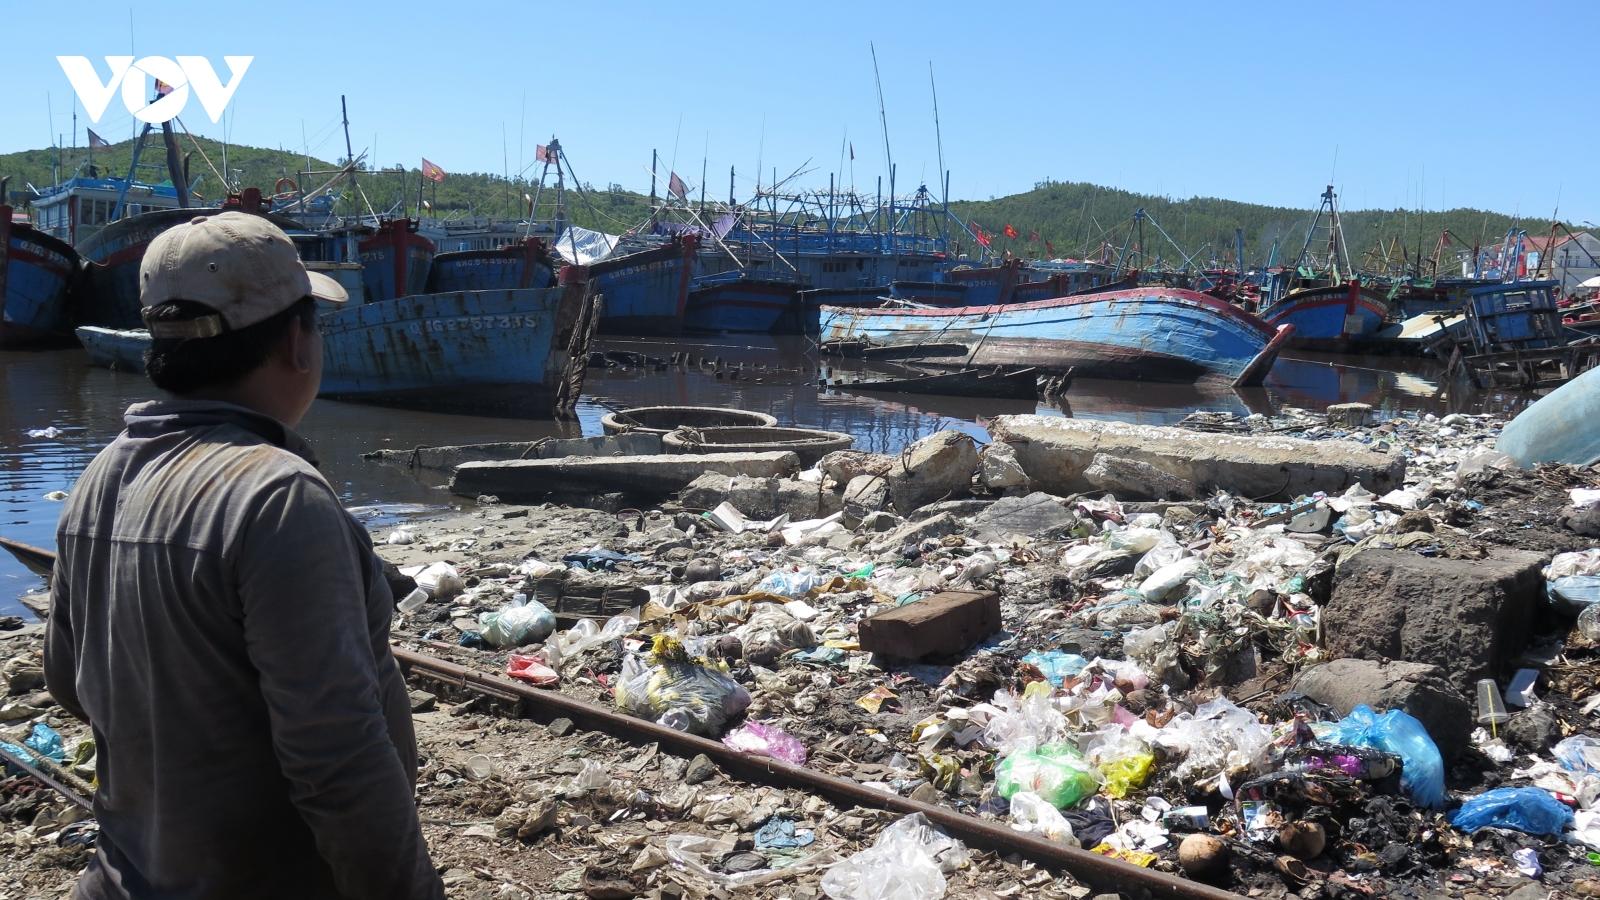 Ô nhiễm môi trường nghiêm trọng tại các cảng cá ở Quảng Ngãi